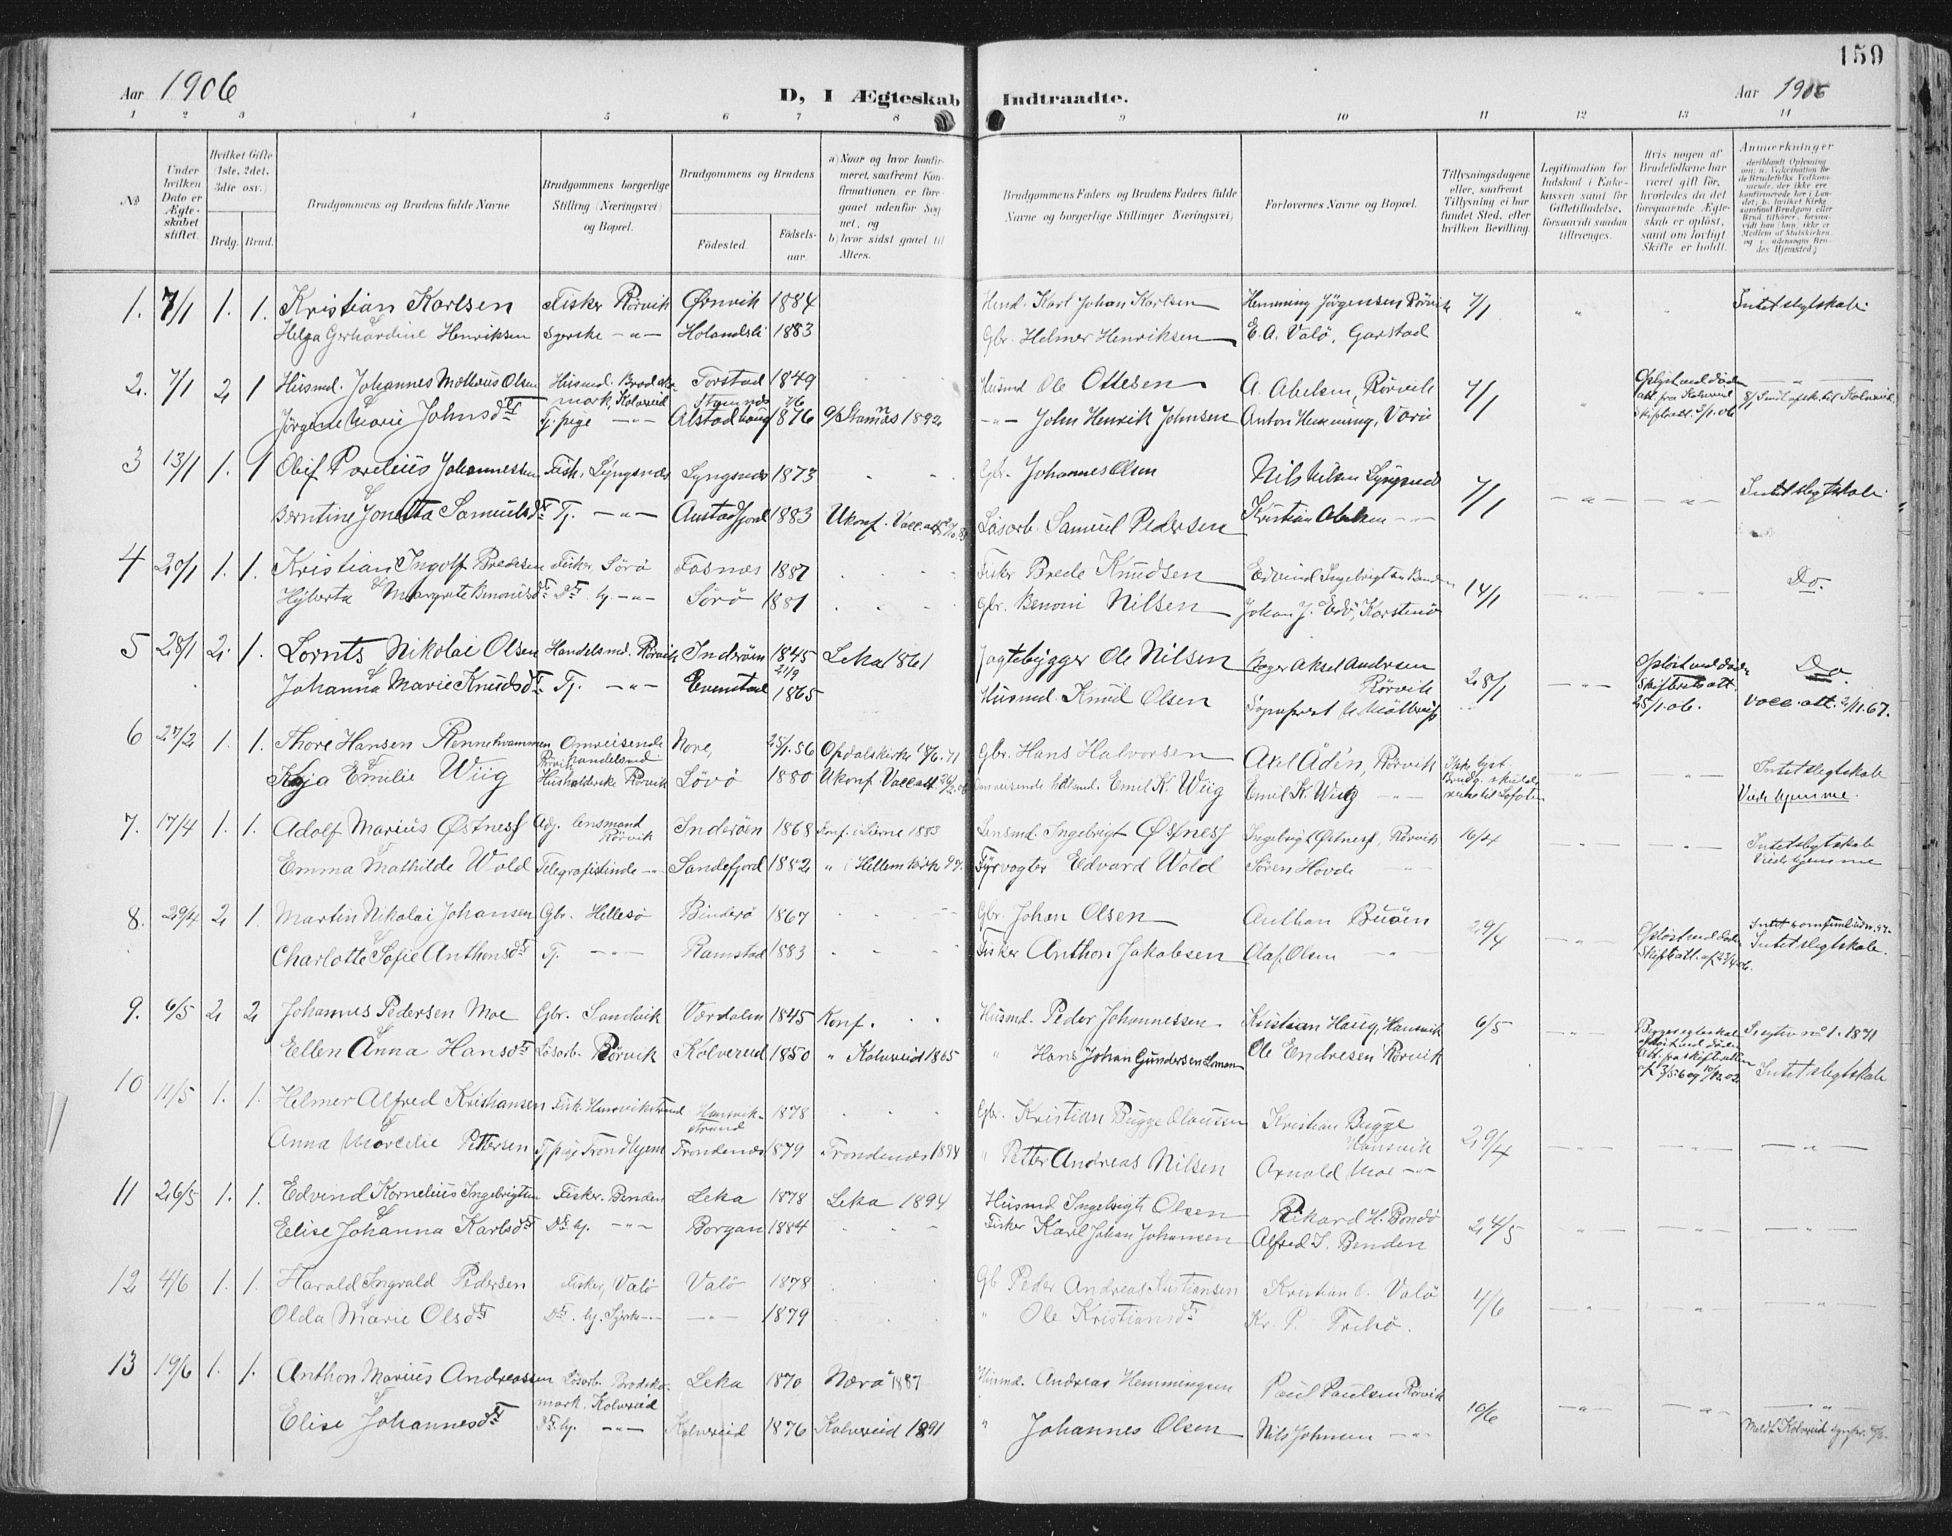 SAT, Ministerialprotokoller, klokkerbøker og fødselsregistre - Nord-Trøndelag, 786/L0688: Ministerialbok nr. 786A04, 1899-1912, s. 159